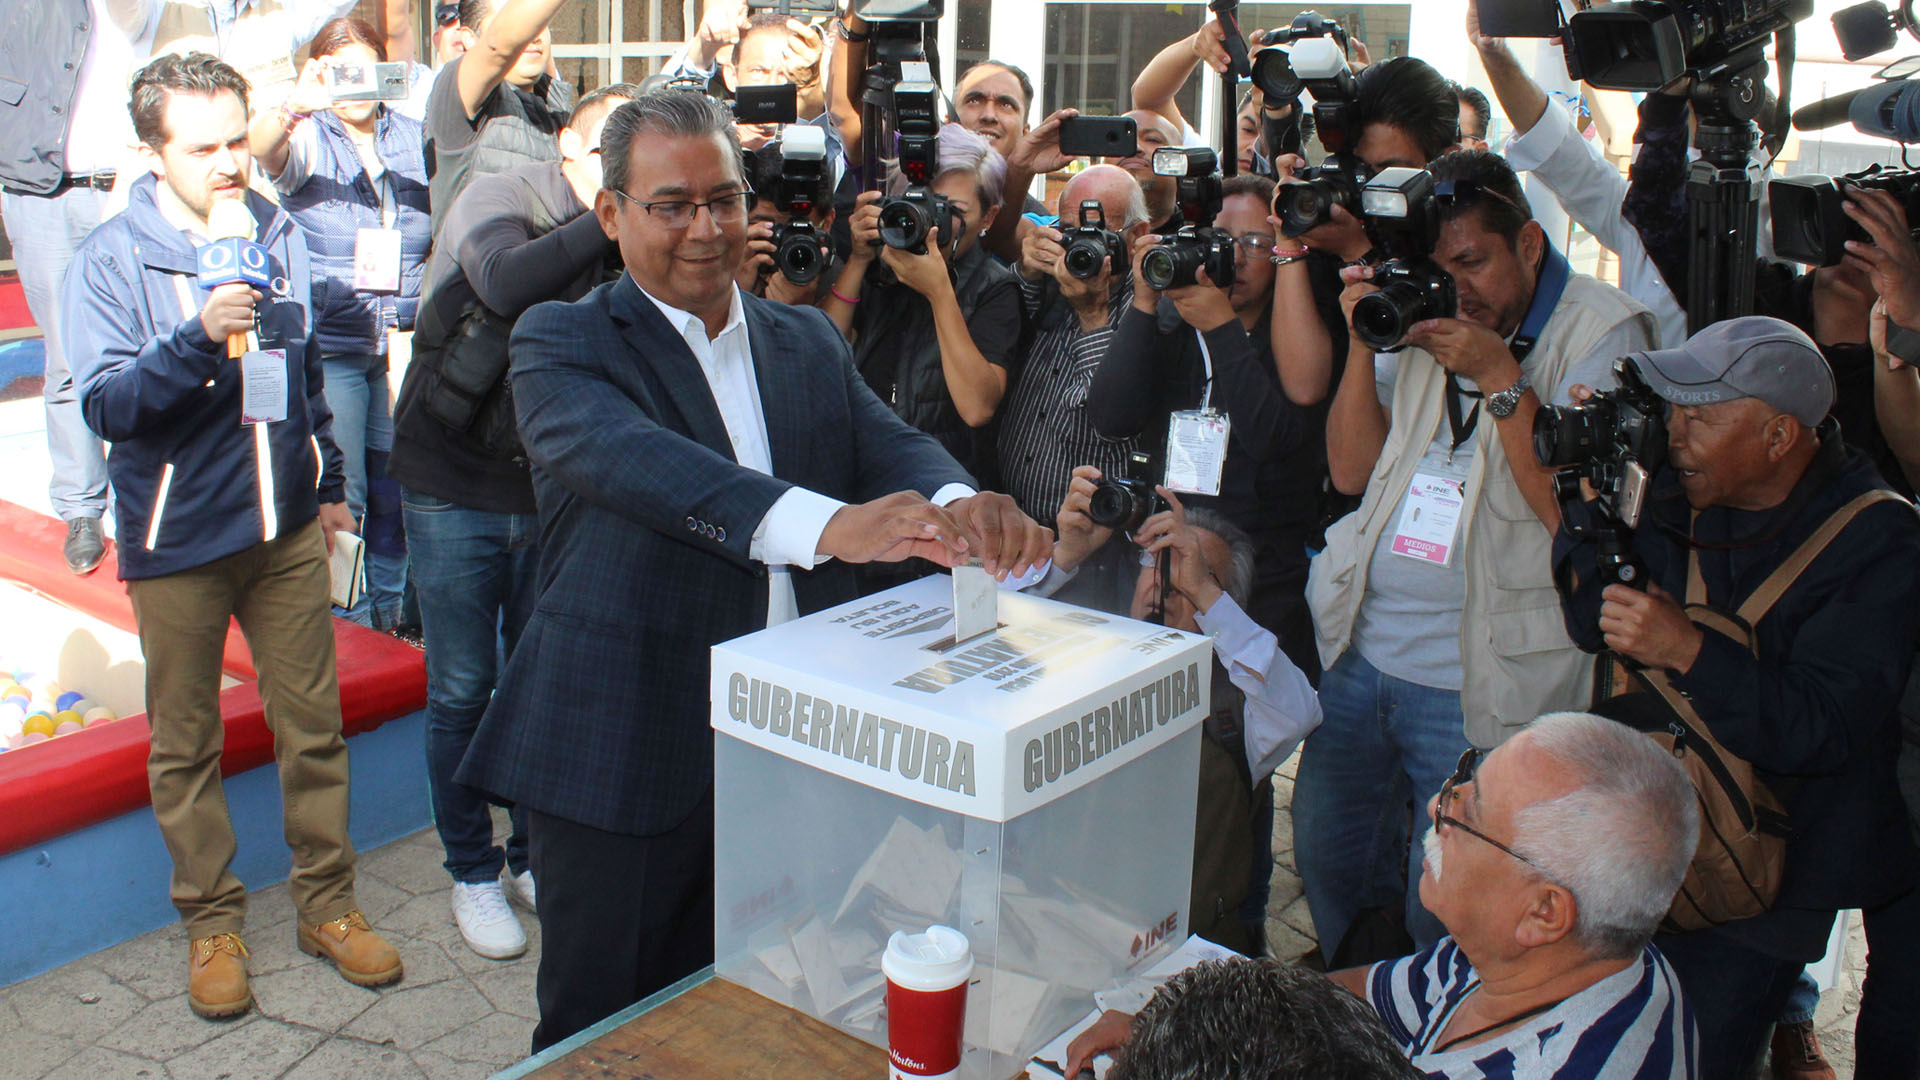 Alberto Jiménez emitiendo su voto. Foto de Notimex